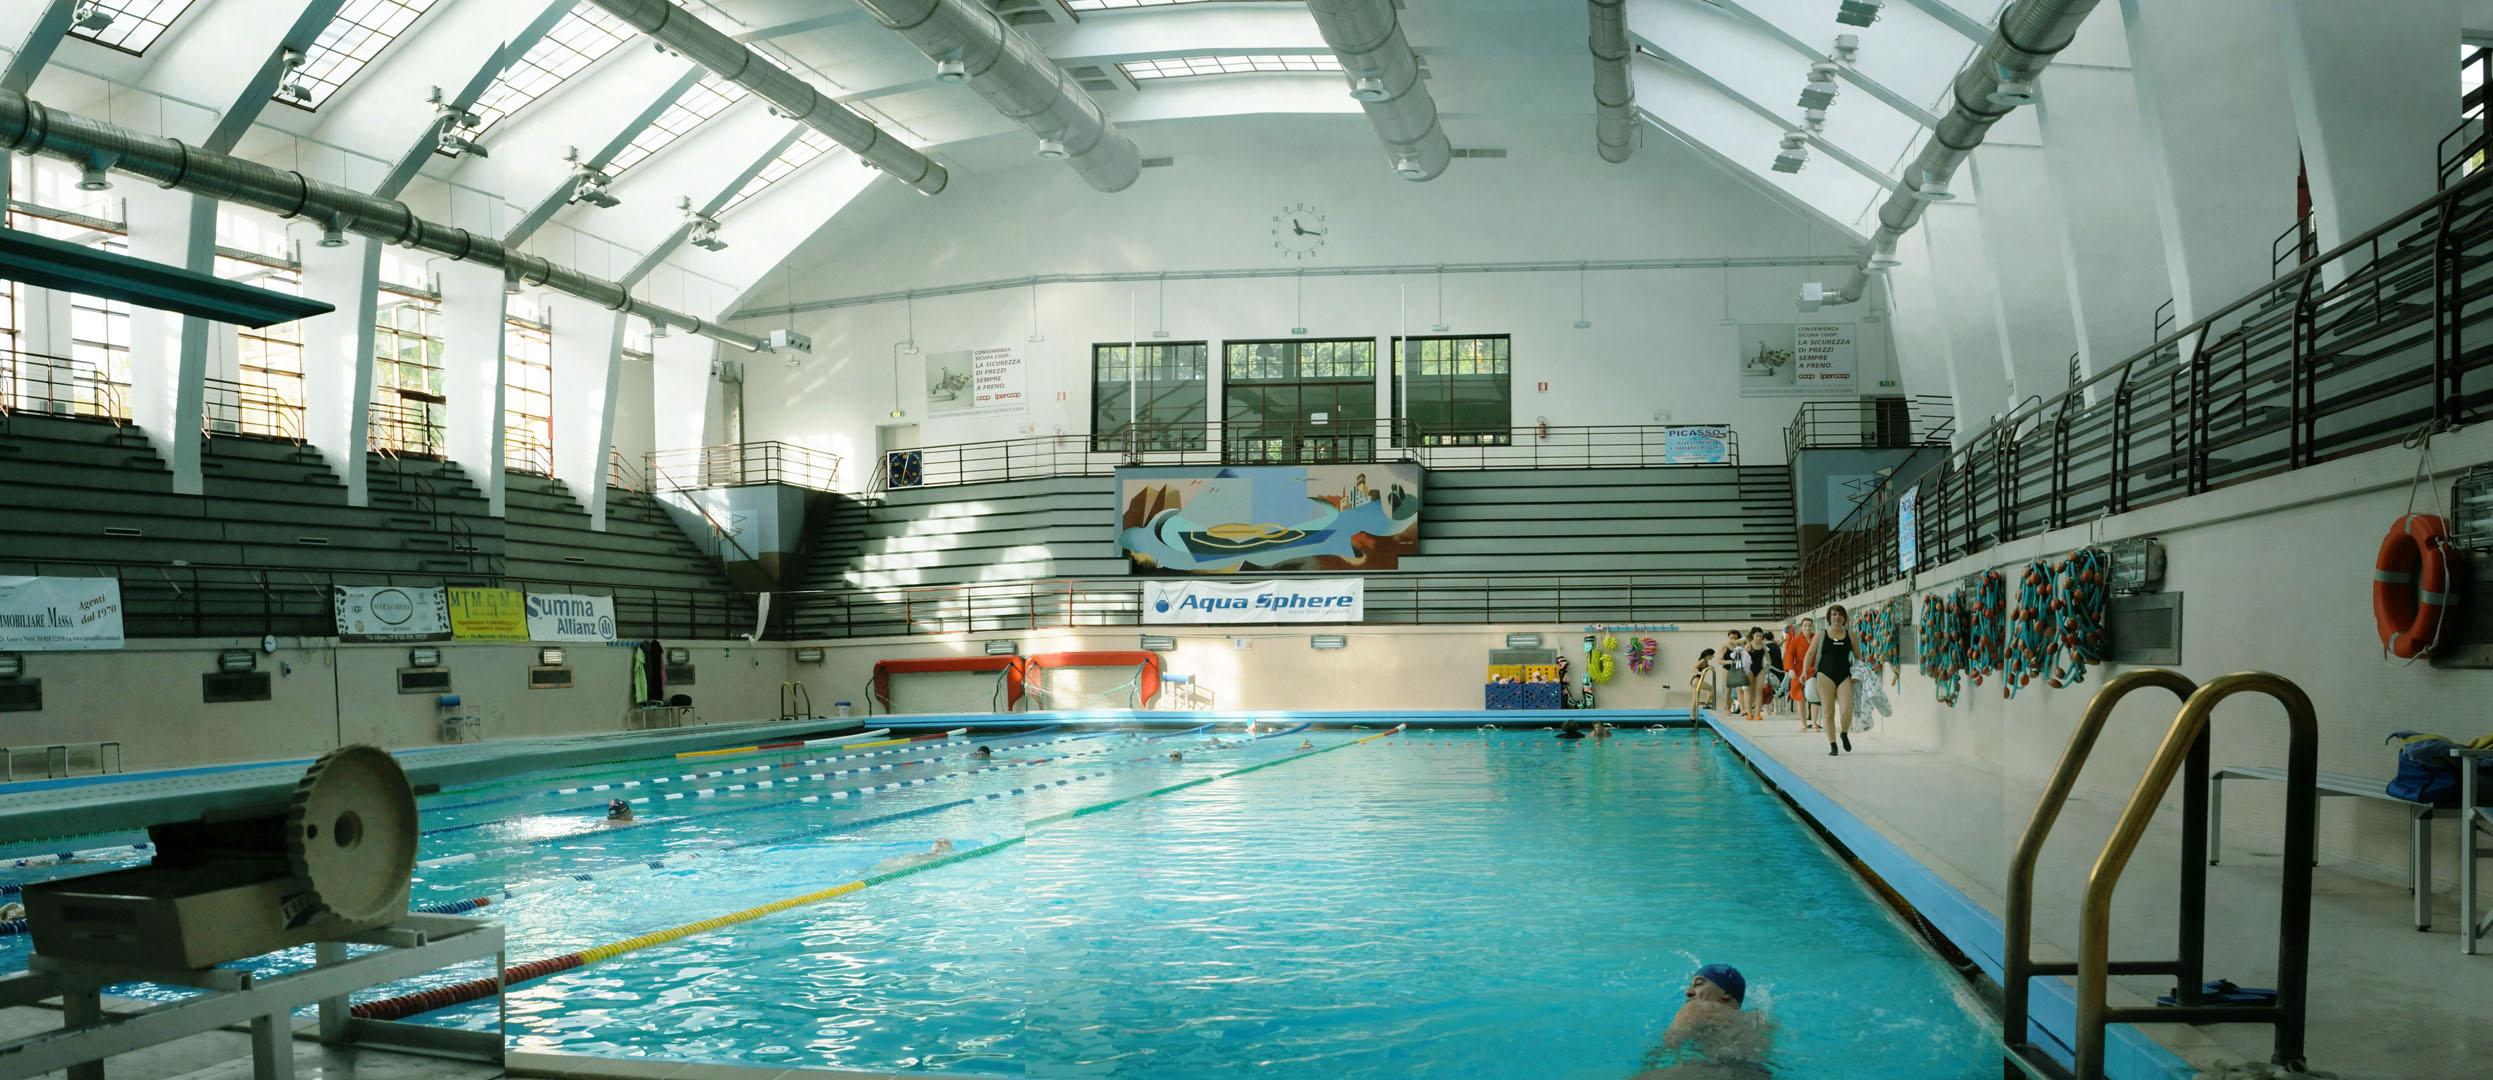 Piscine di albaro campionati pallanuoto serie a2 e serie b - Prezzi piscine albaro ...